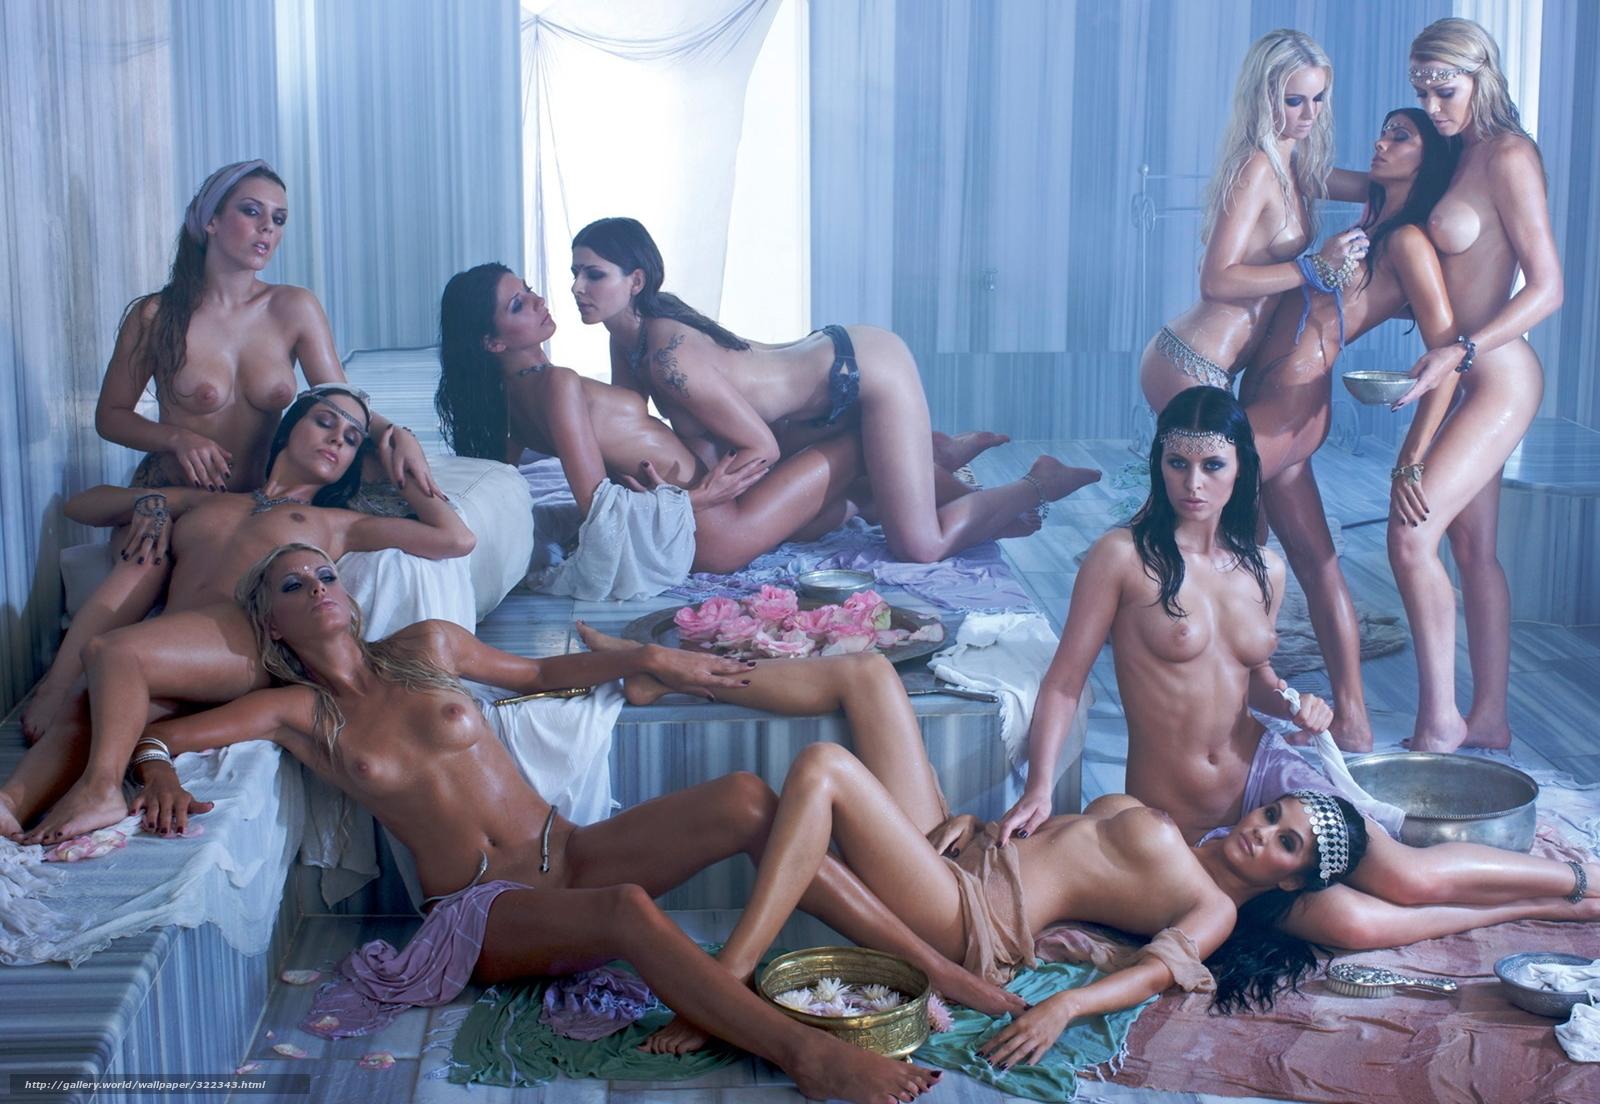 Самый ужасный еротика виде карау 8 фотография